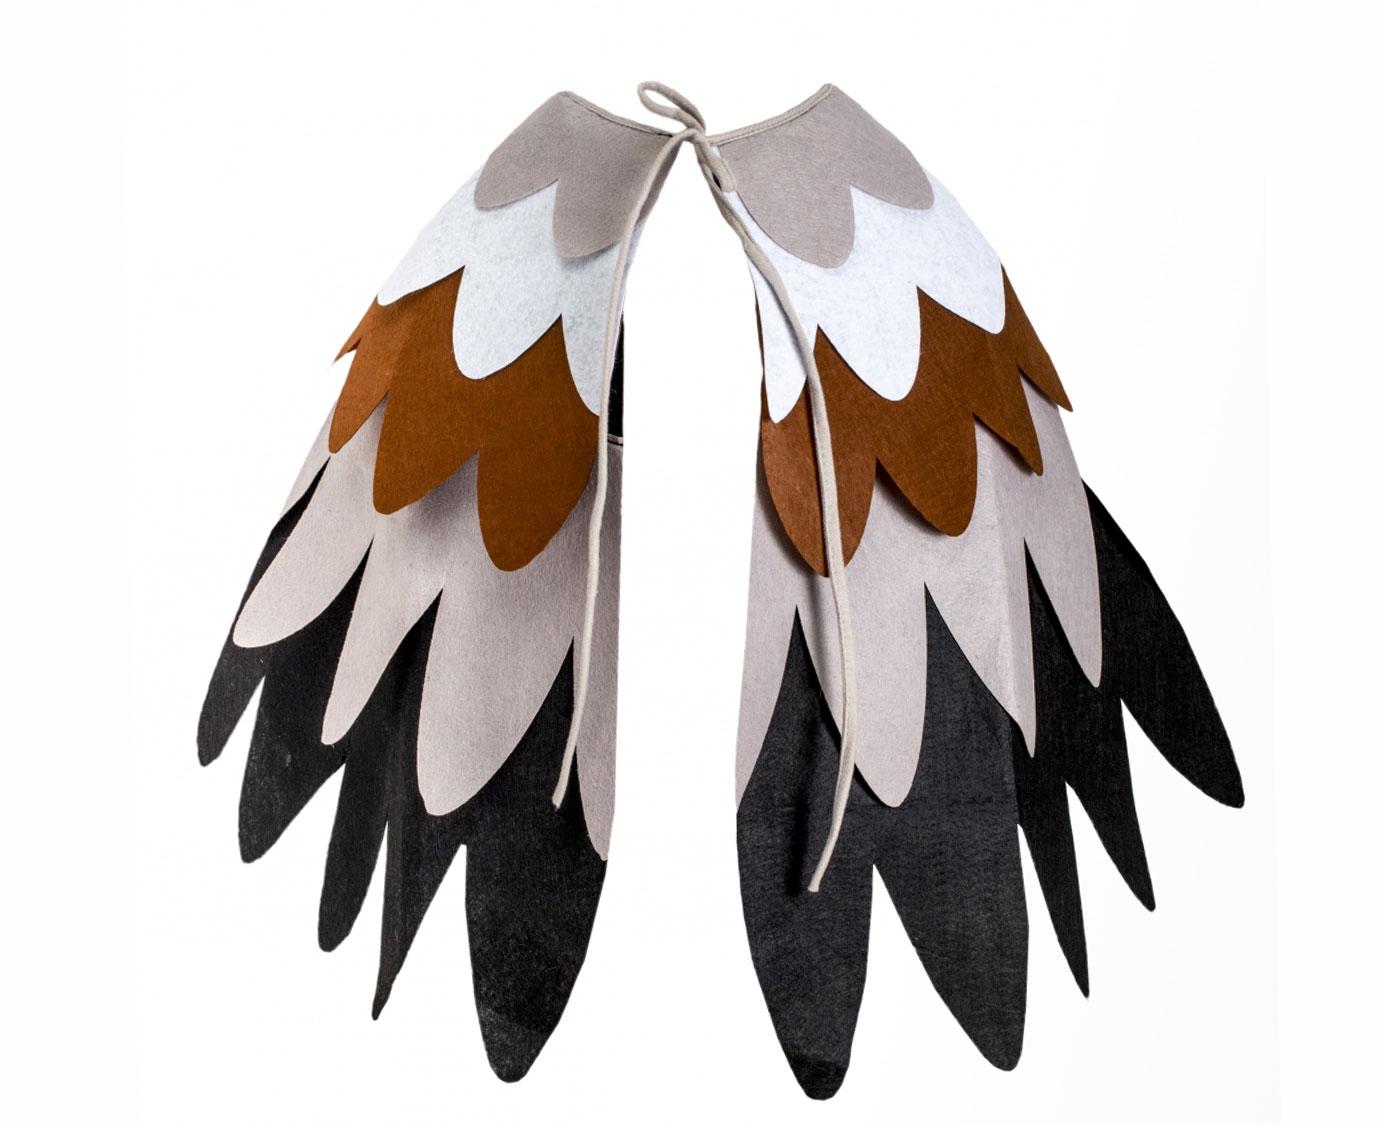 Vleugels 'Vogel vilt' kleur